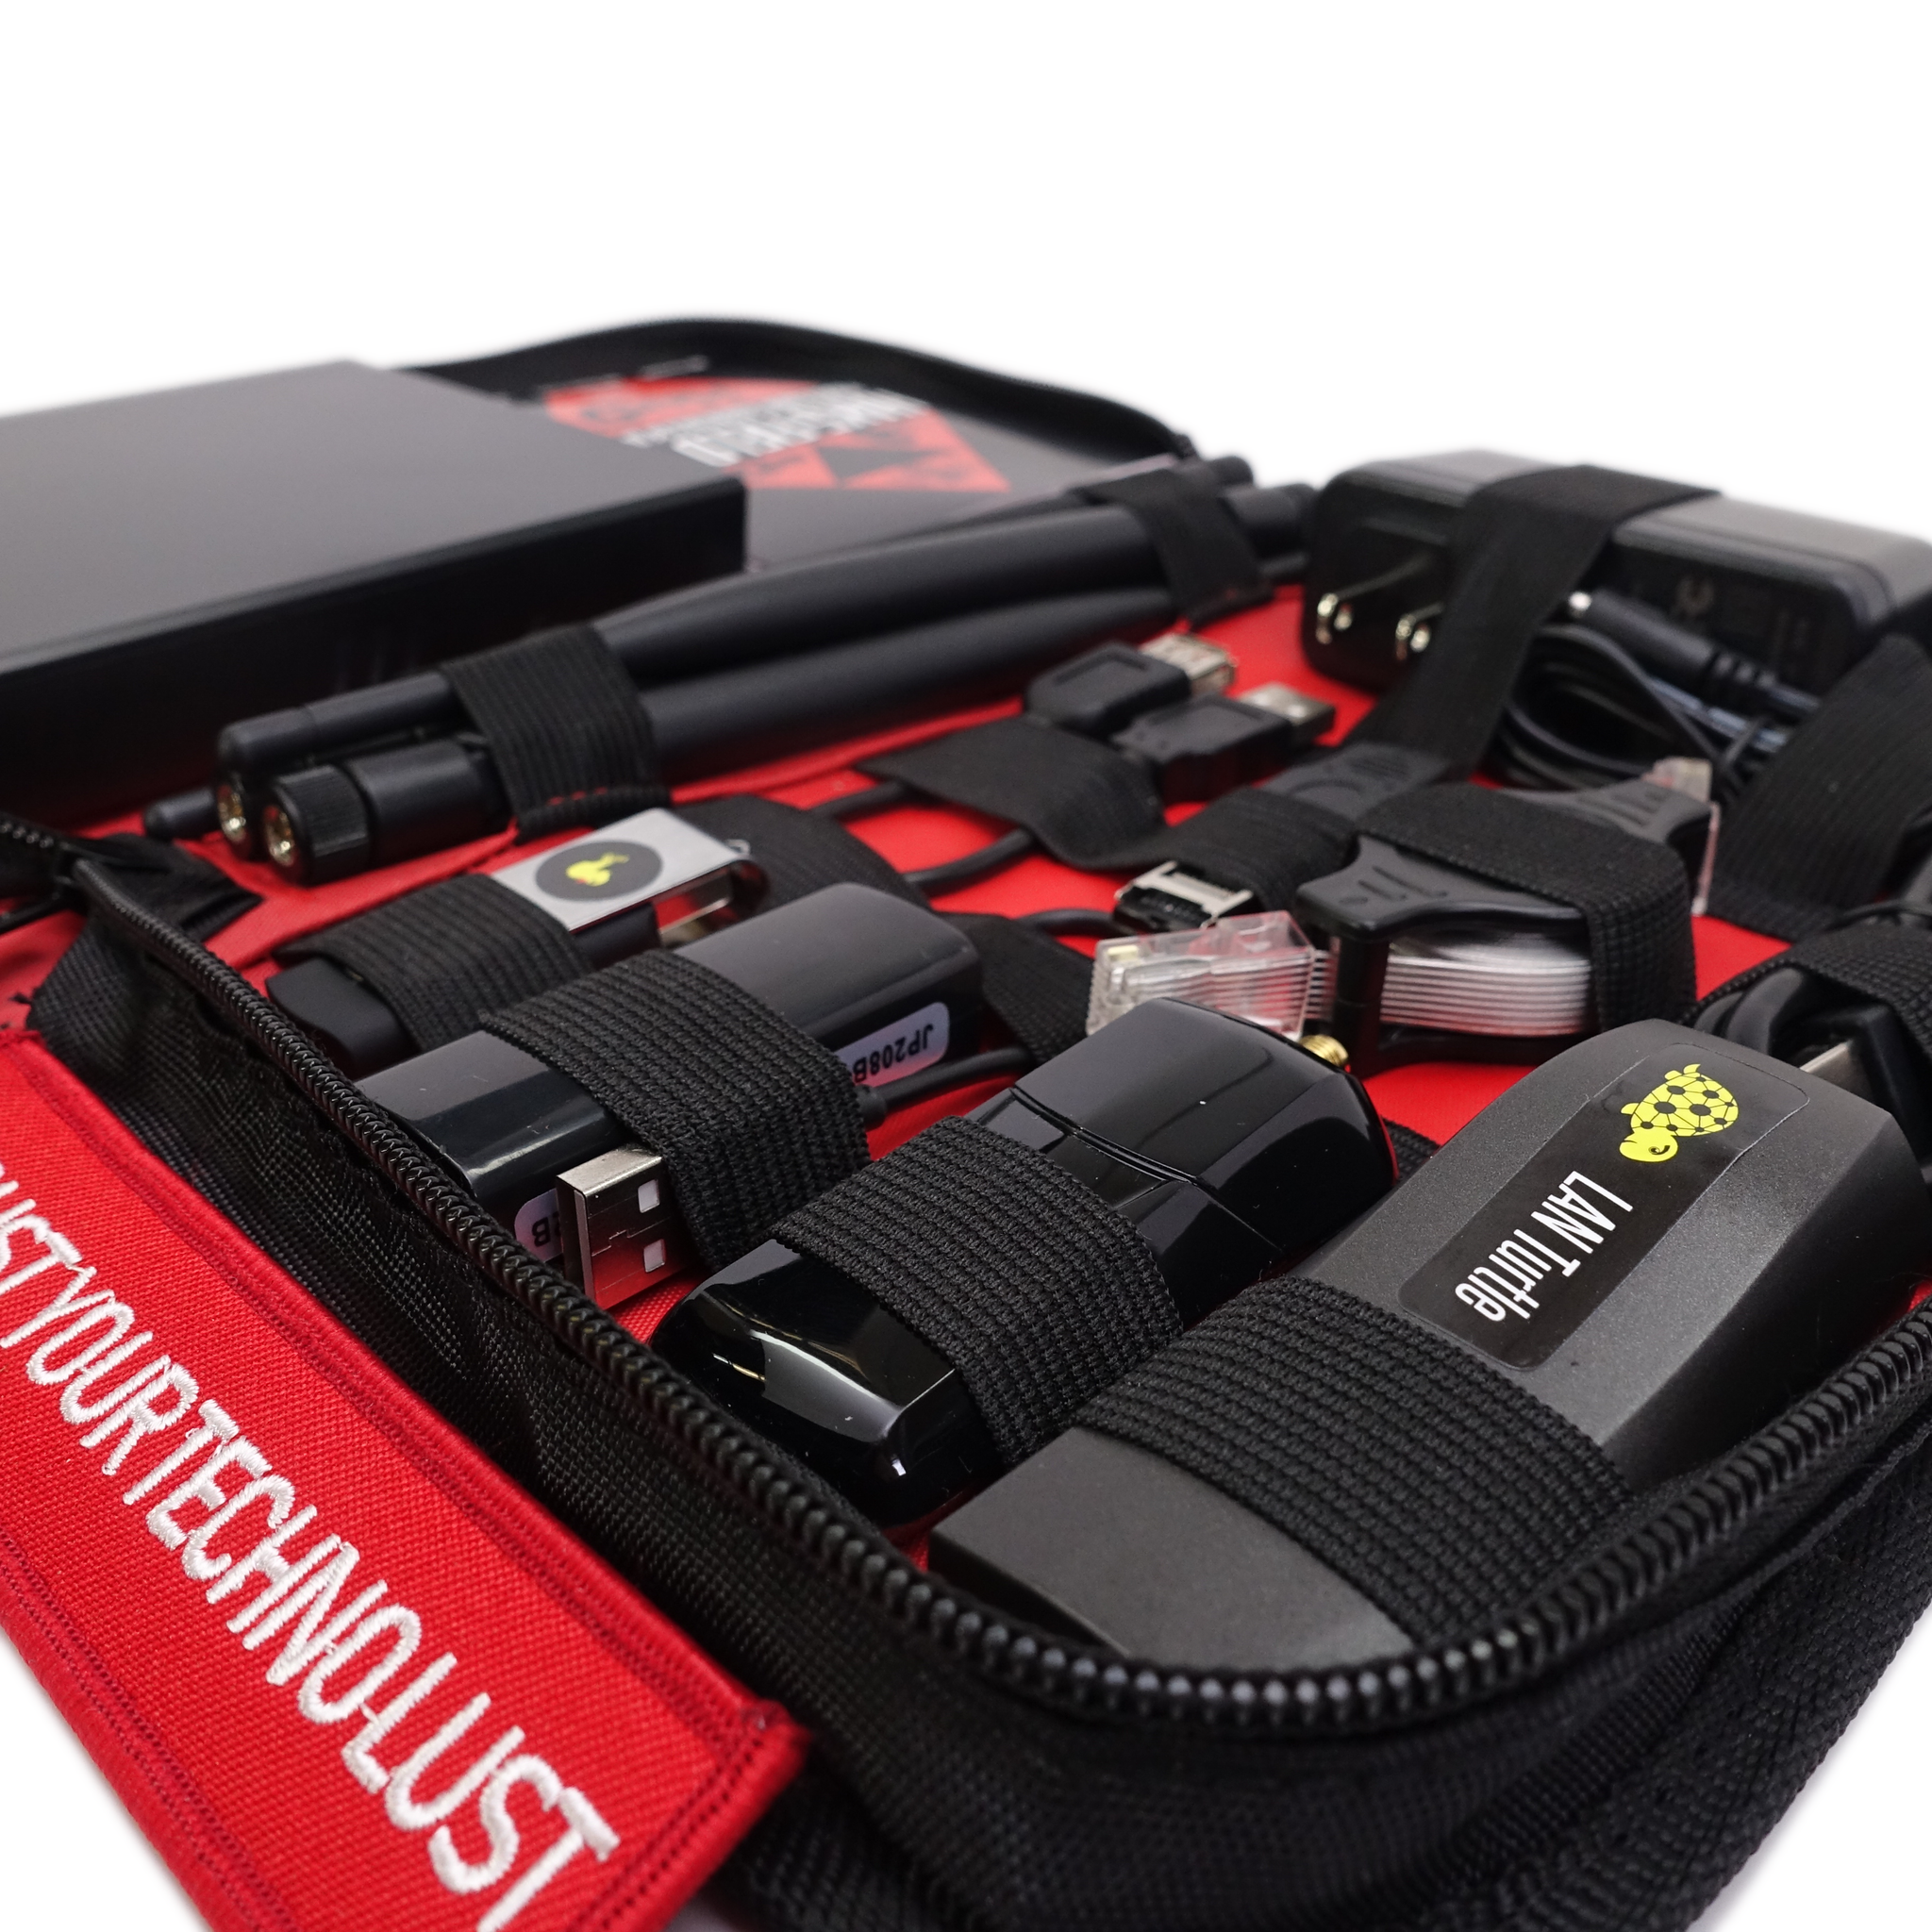 Elite Field Kit | Gadgets in 2019 | Kit, Geek stuff, Gadgets